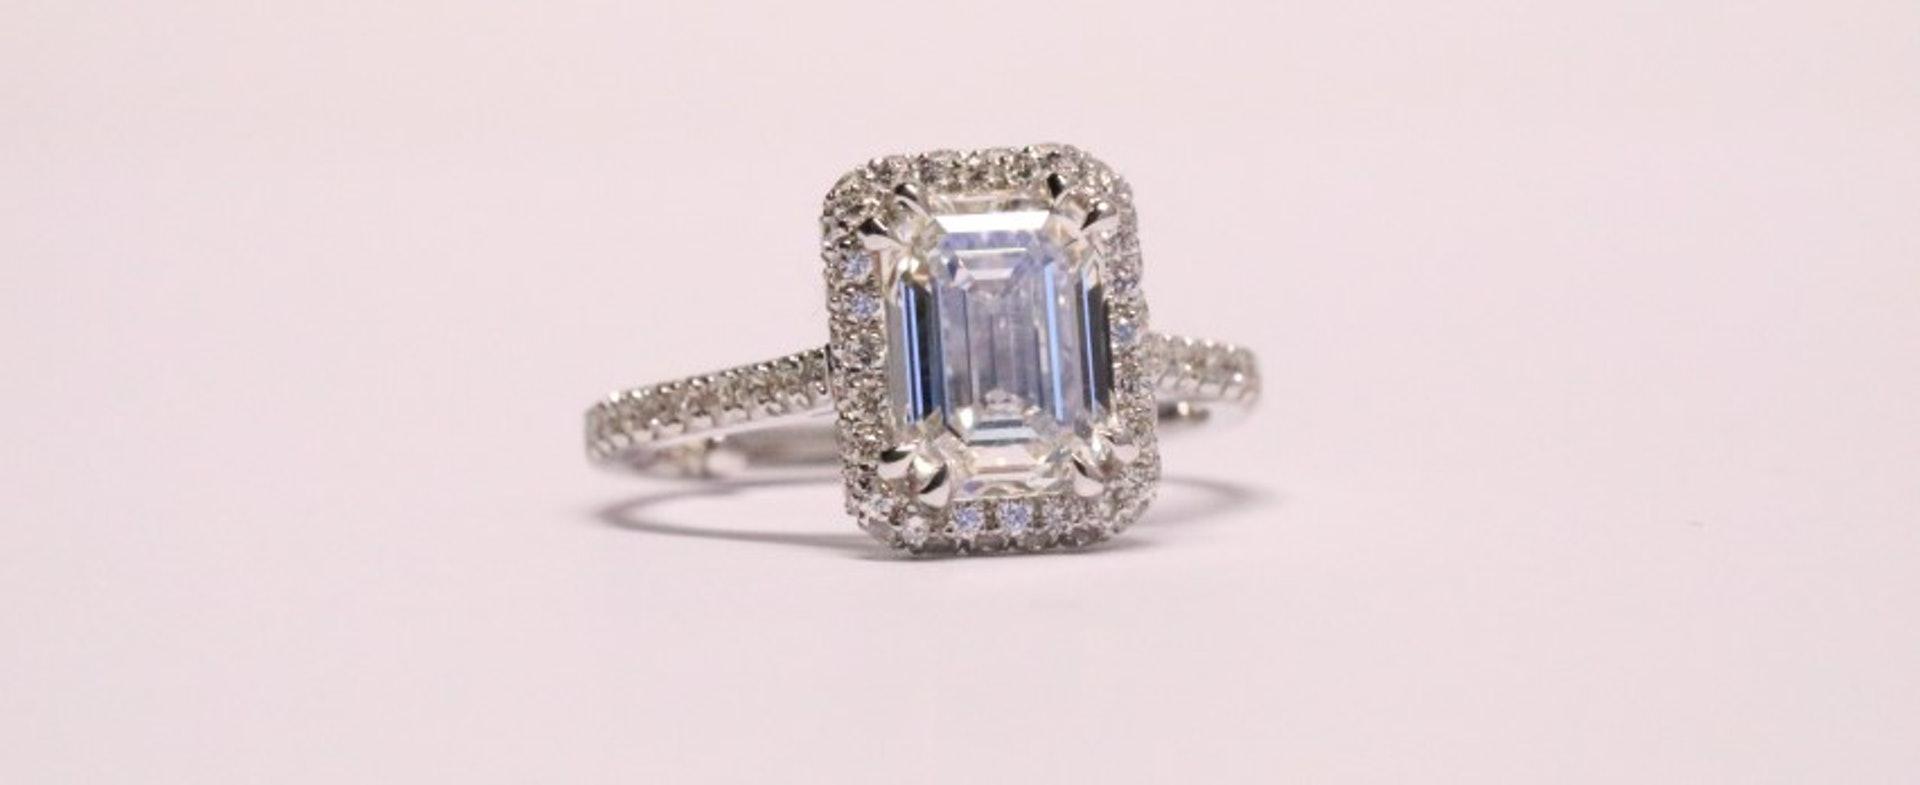 橢圓形、方形和祖母綠切割的鑽石因為較大檯面和只需切掉較小面積的原石,也會讓同克拉數的鑽石更加顯大。(世界高級品)